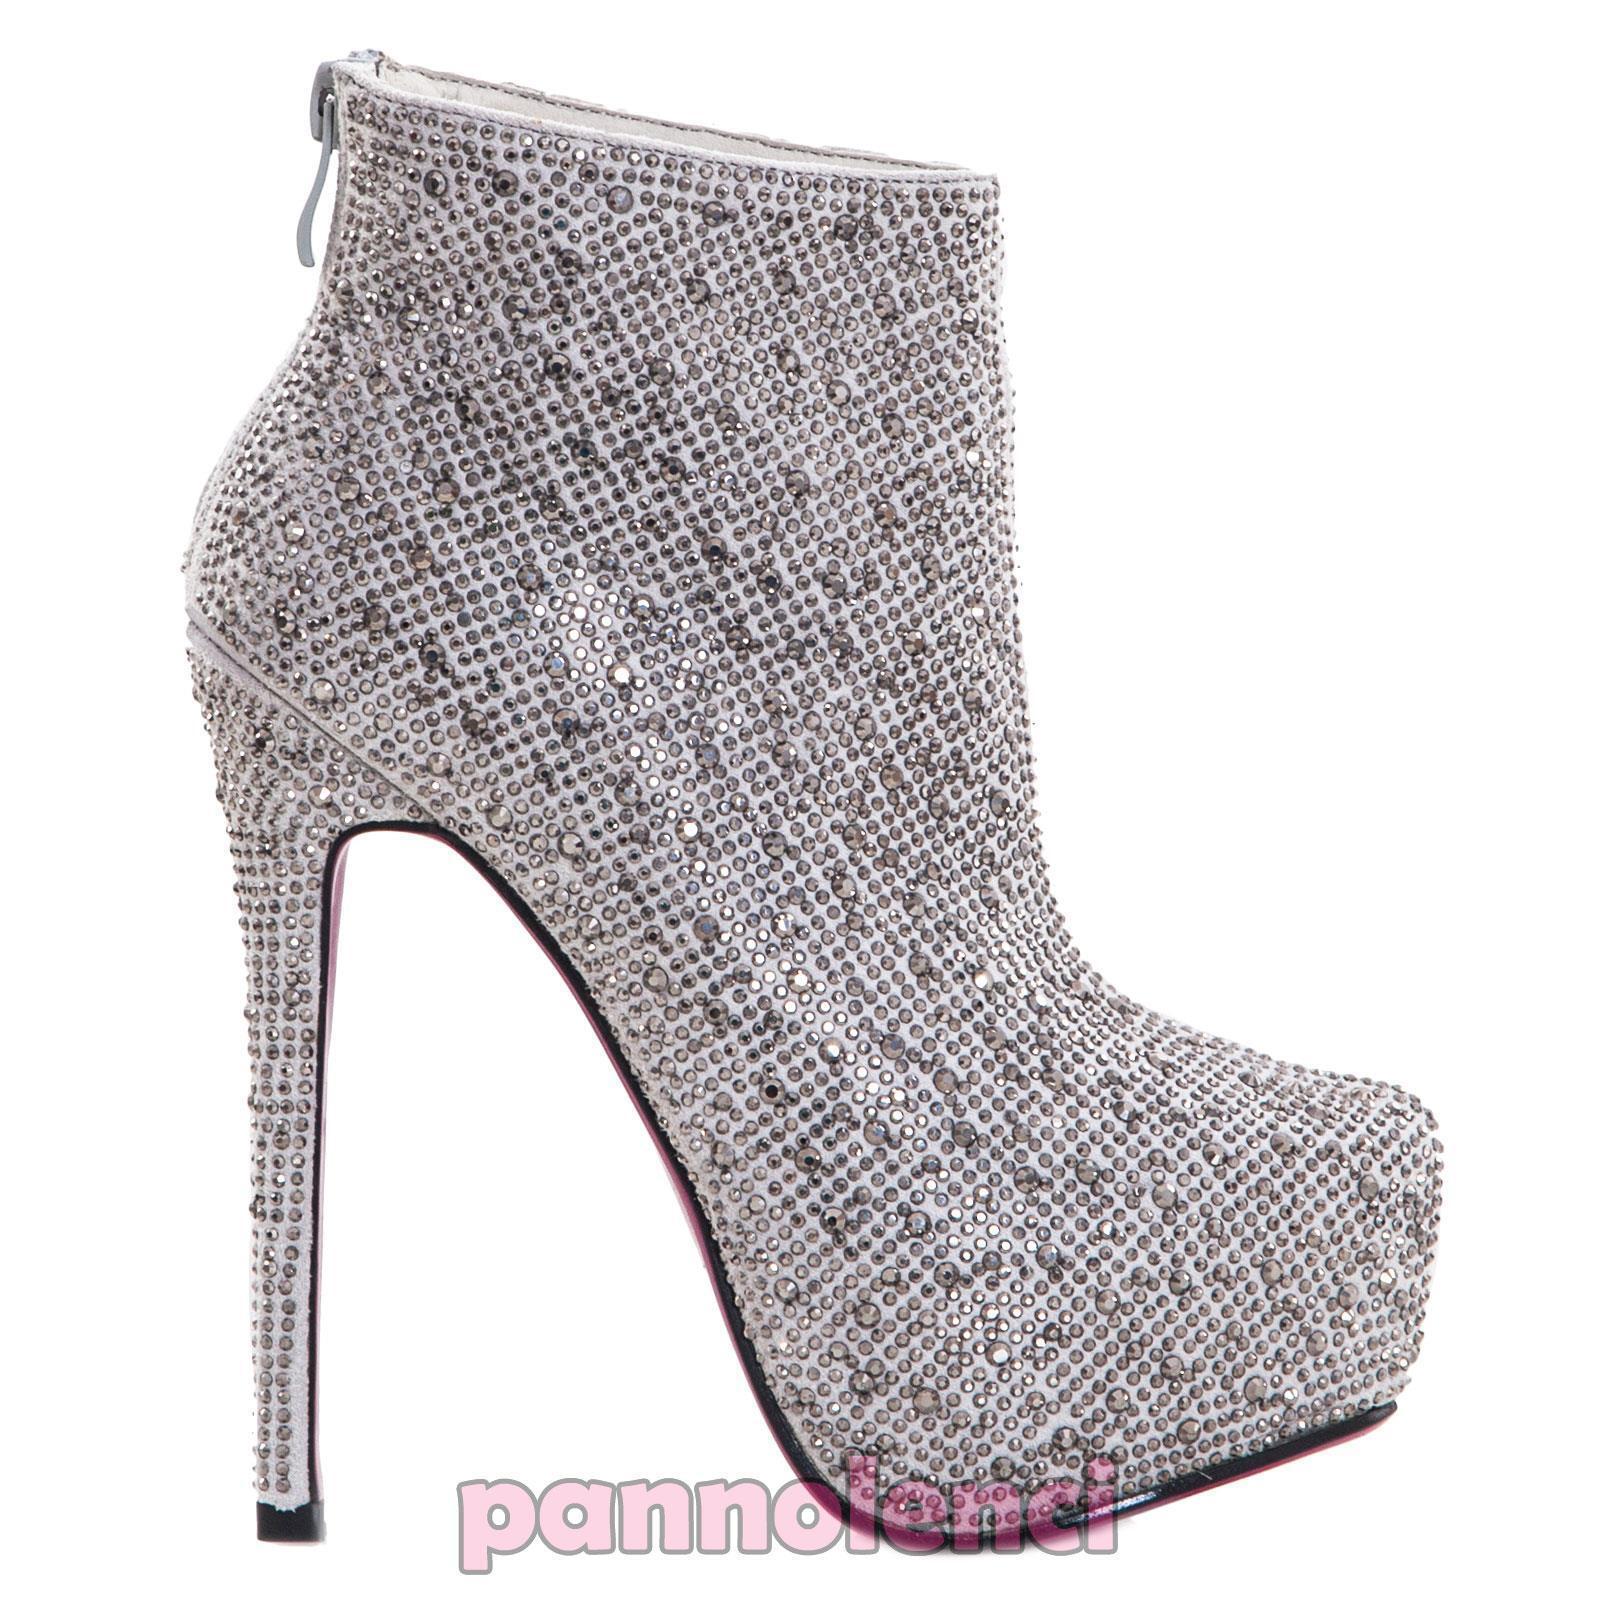 botas de mujer zapatos botas botines bajos strass tacón alto alto alto nuevo A933-1  Todo en alta calidad y bajo precio.